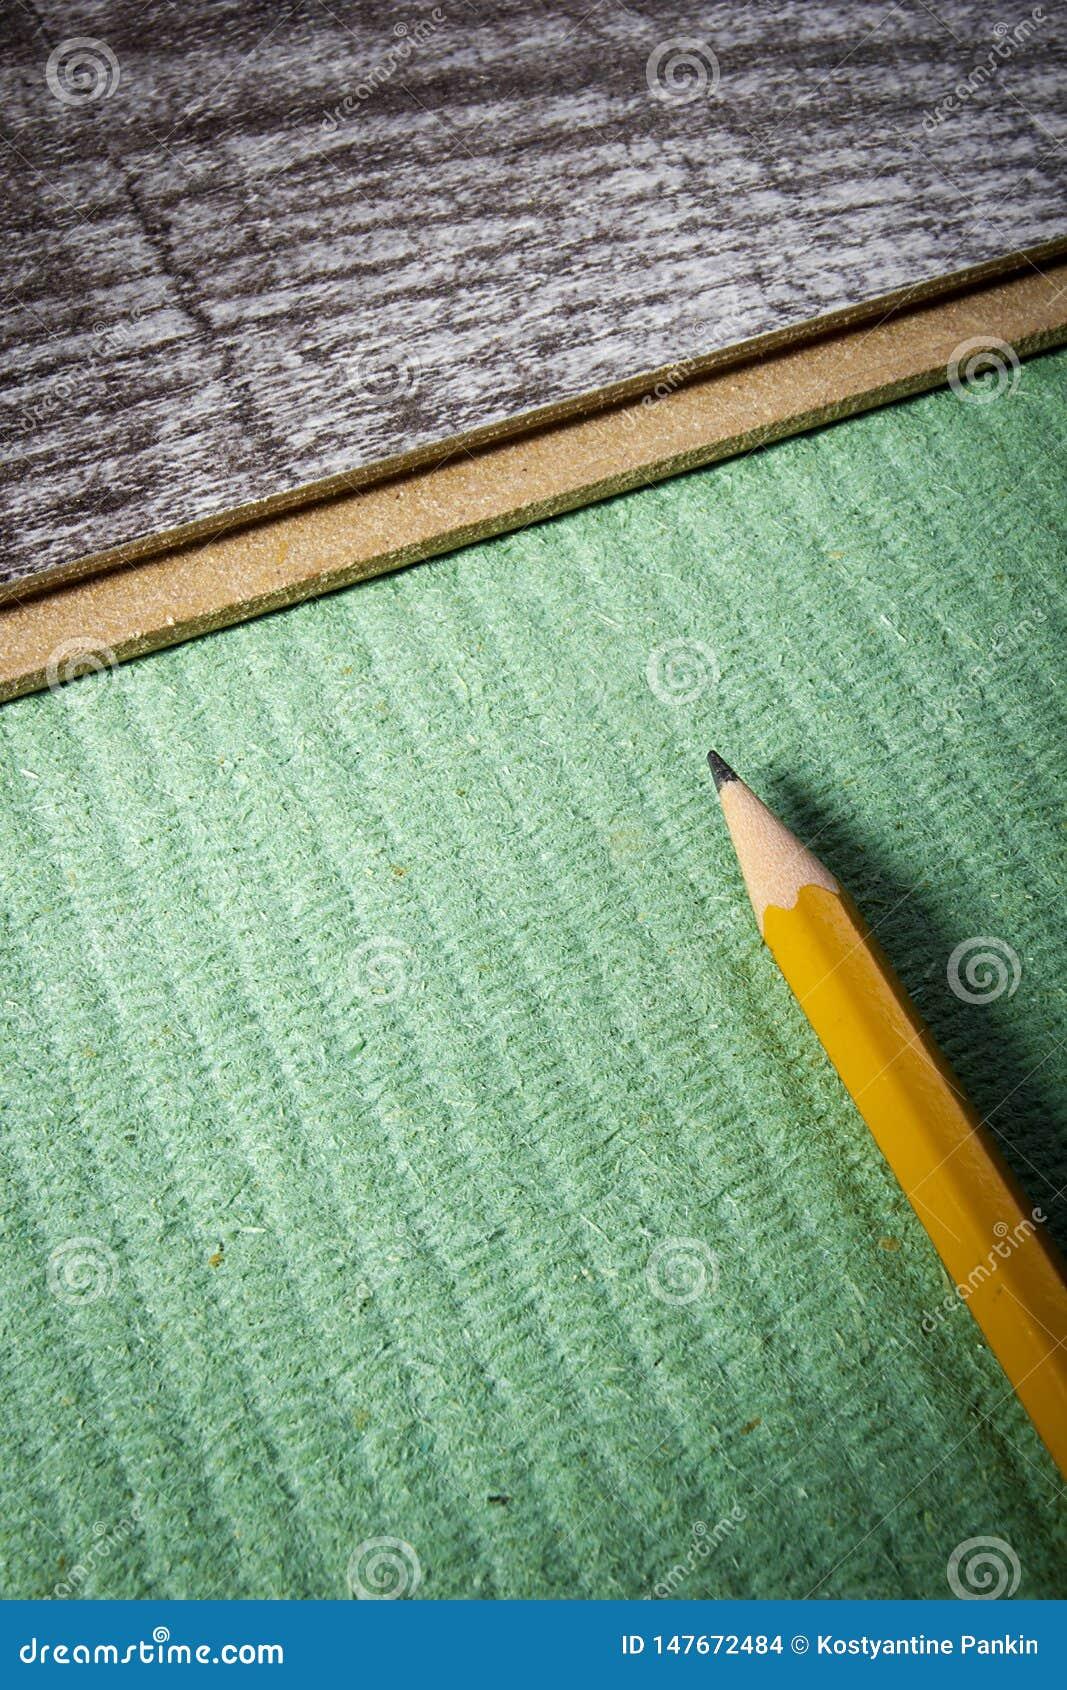 Laying laminate flooring